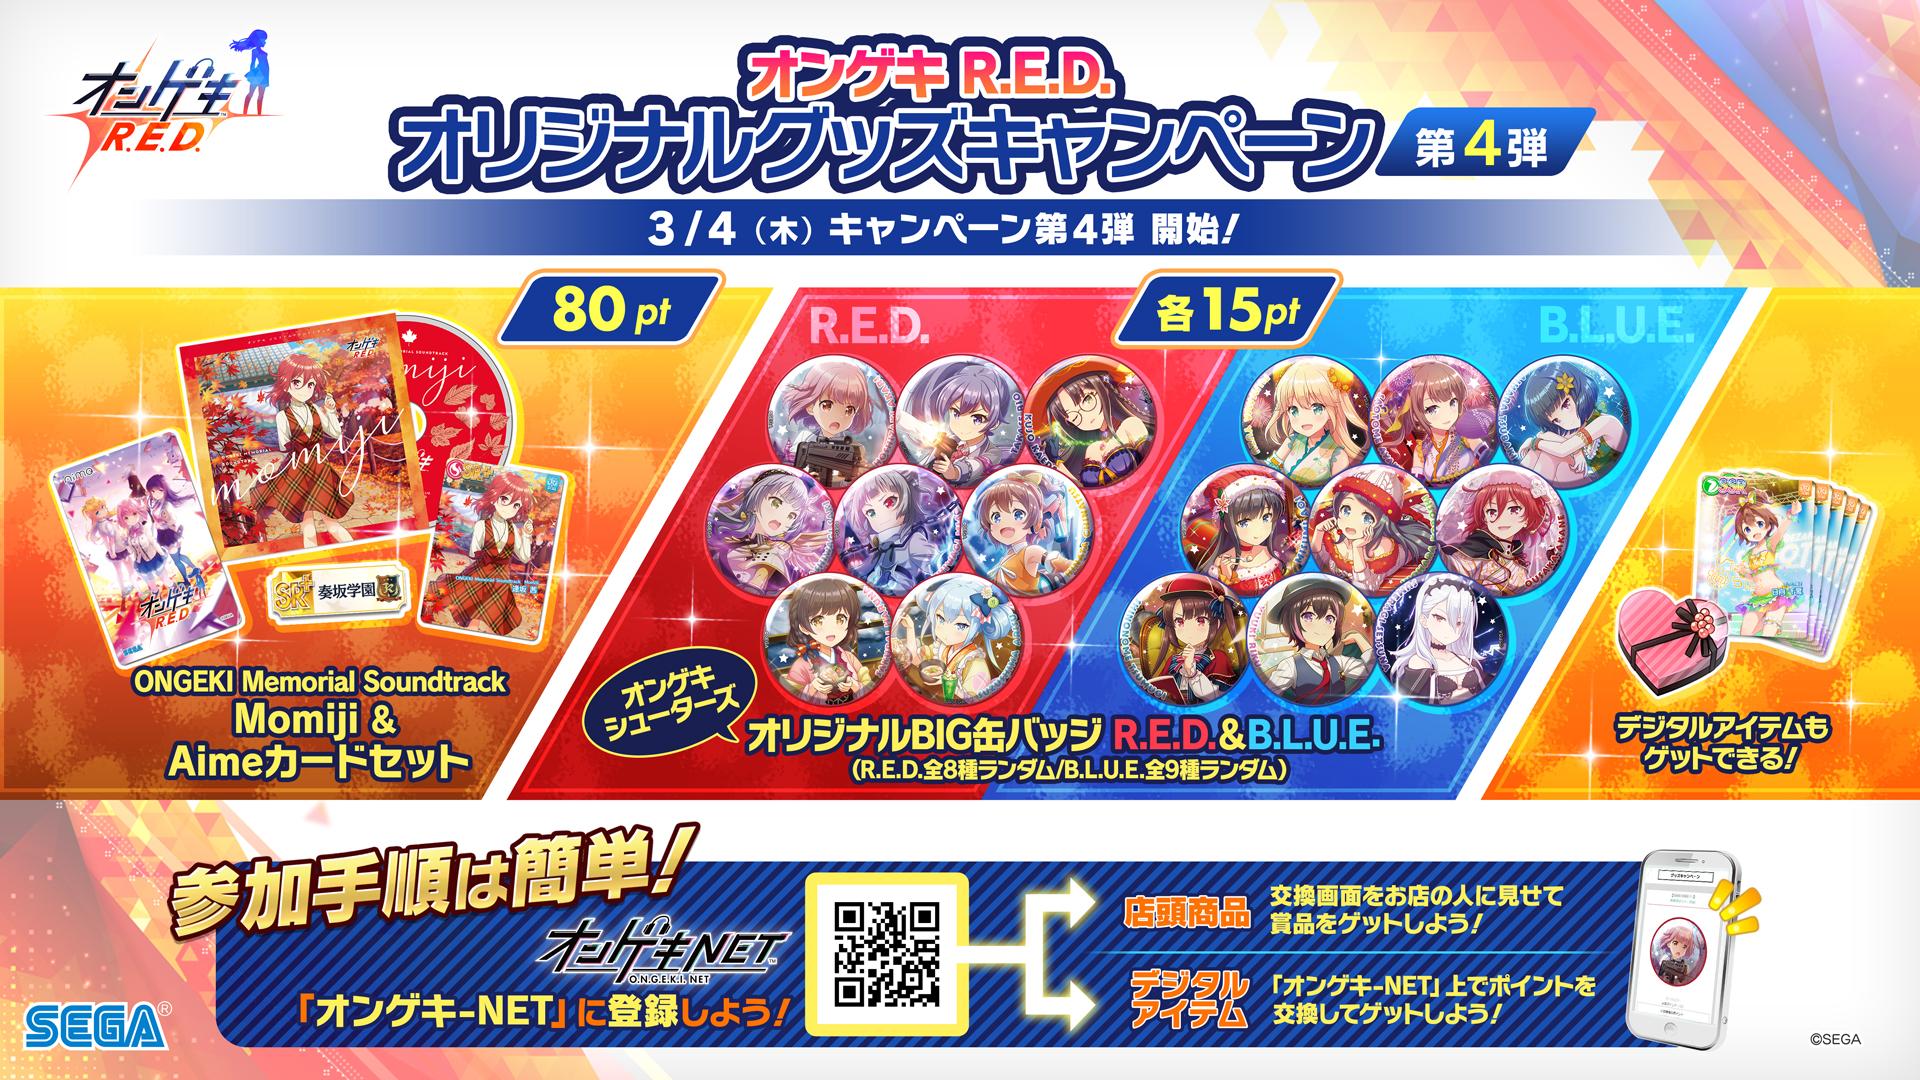 3/4(木)「オンゲキ R.E.D. オリジナルグッズプレゼントキャンペーン 第4弾」開催!